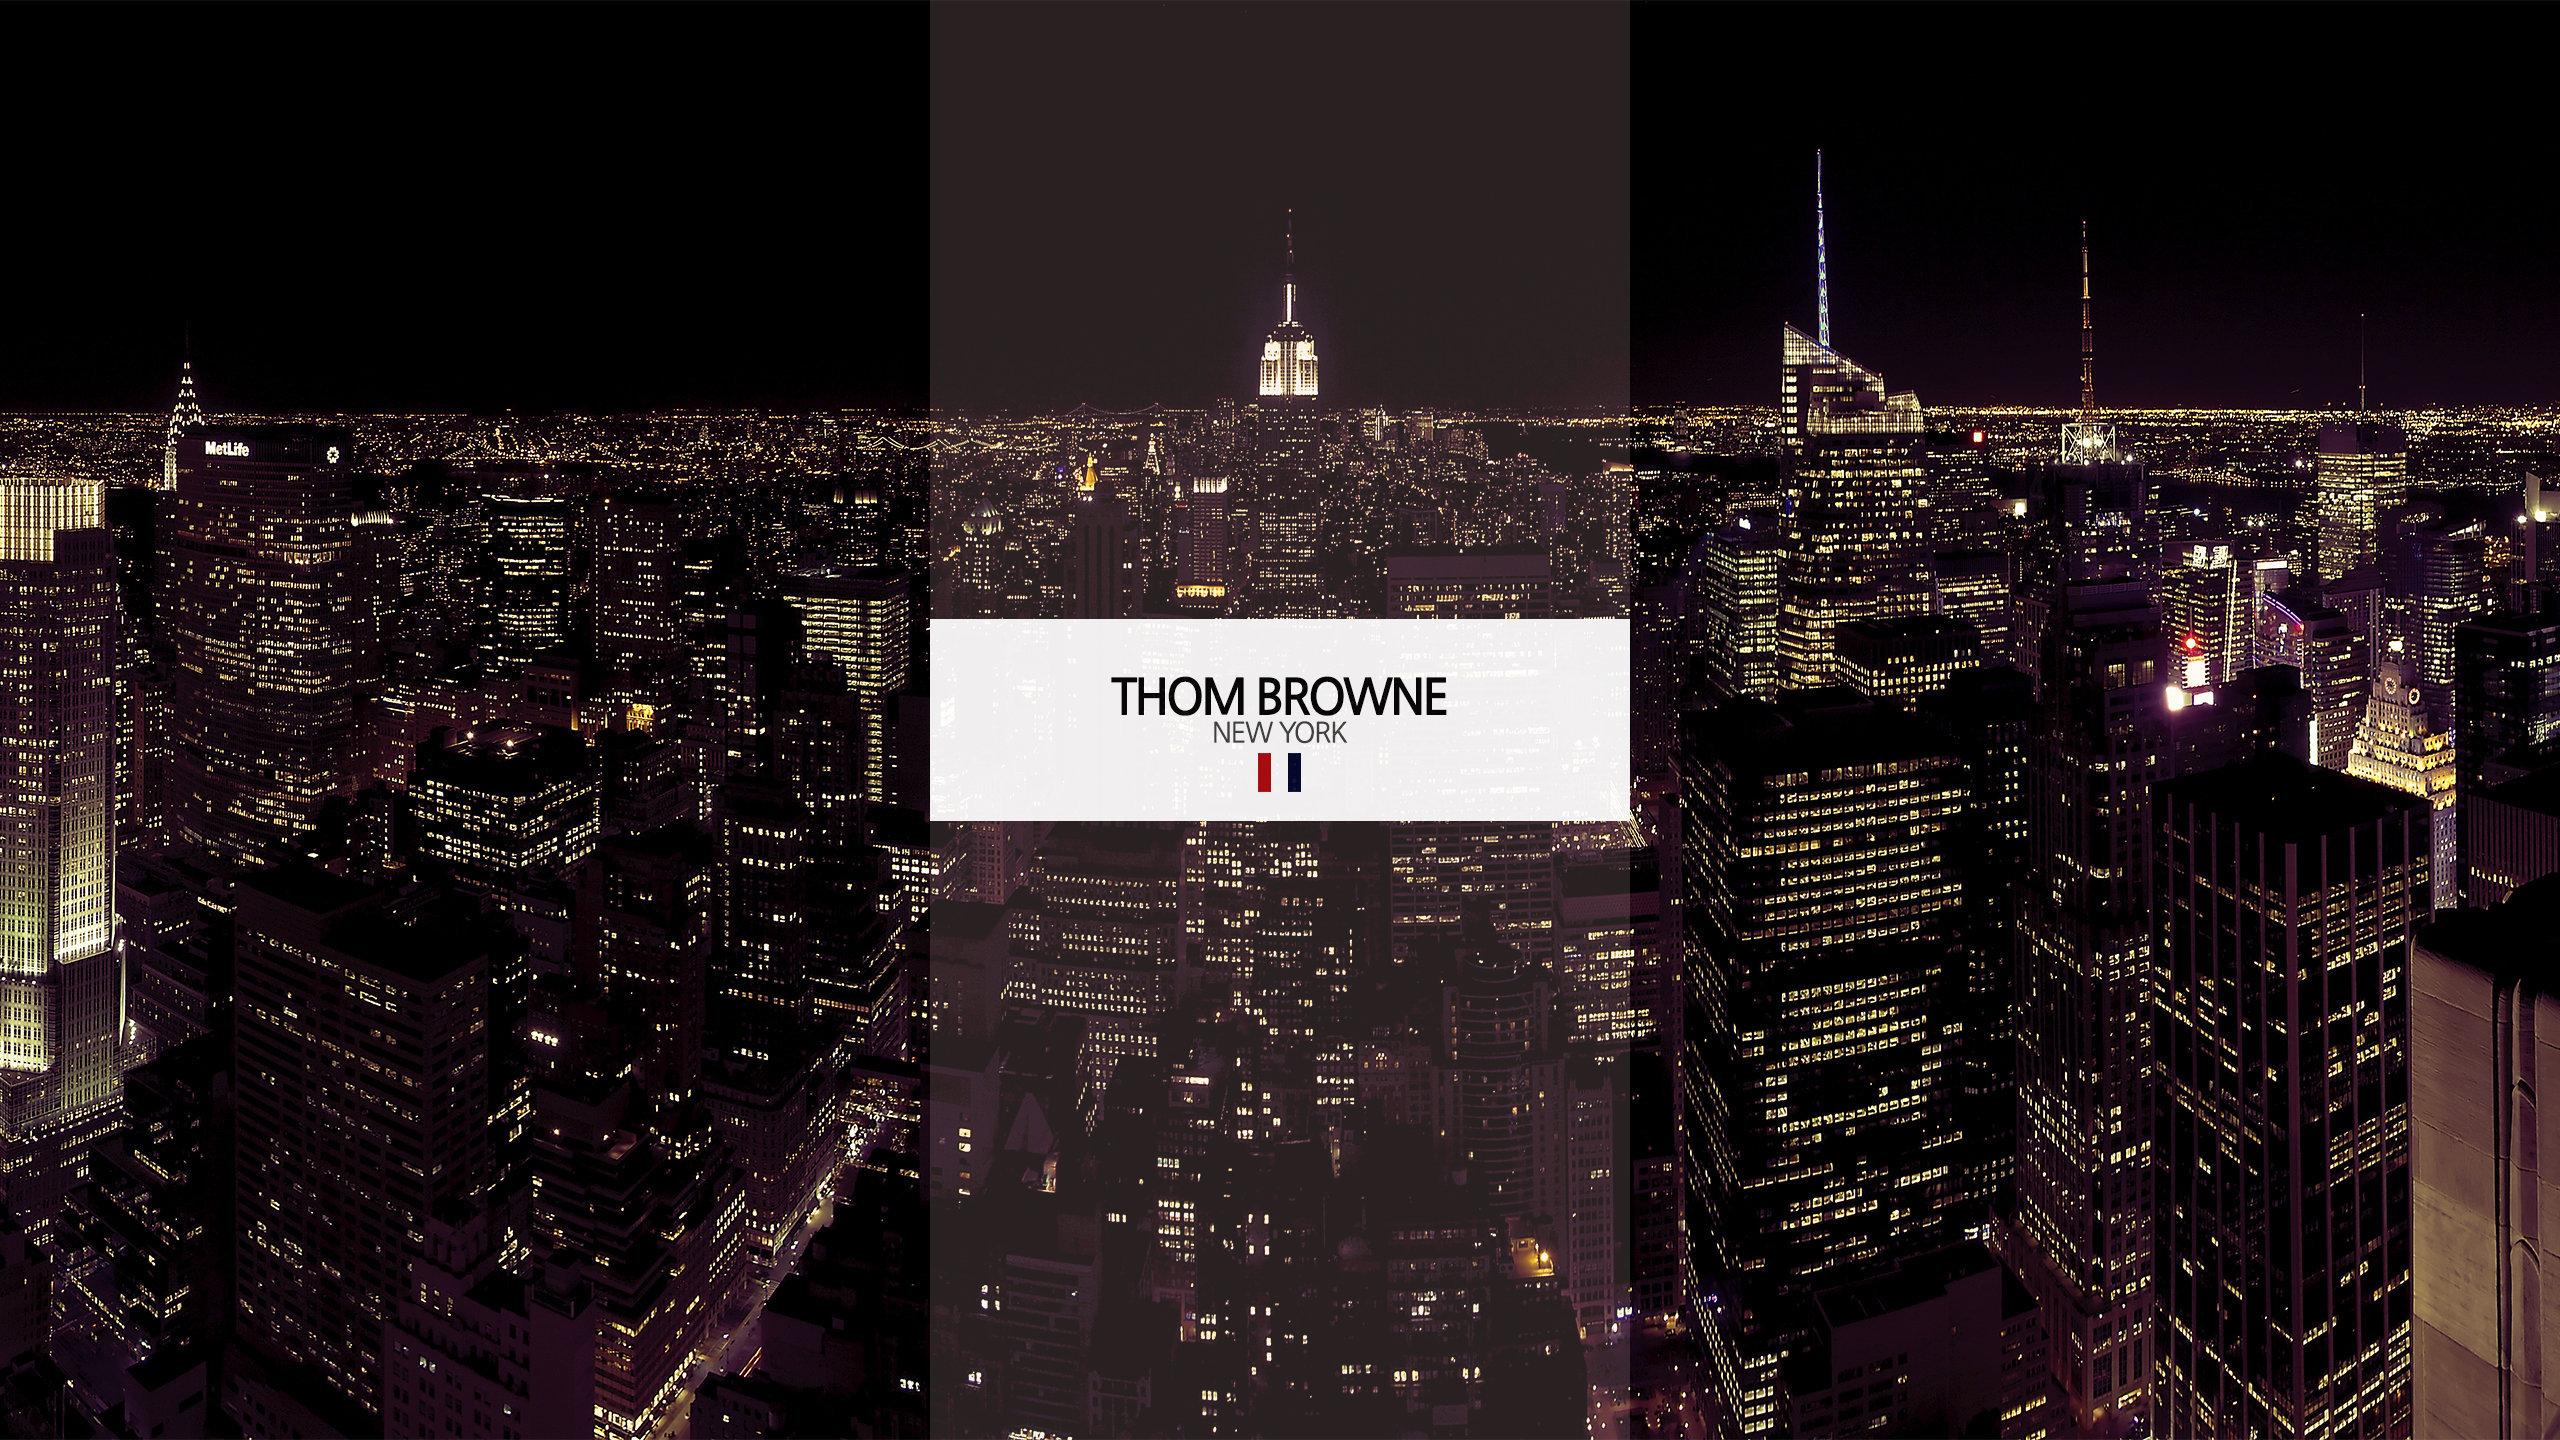 Thom Browne Wallpaper